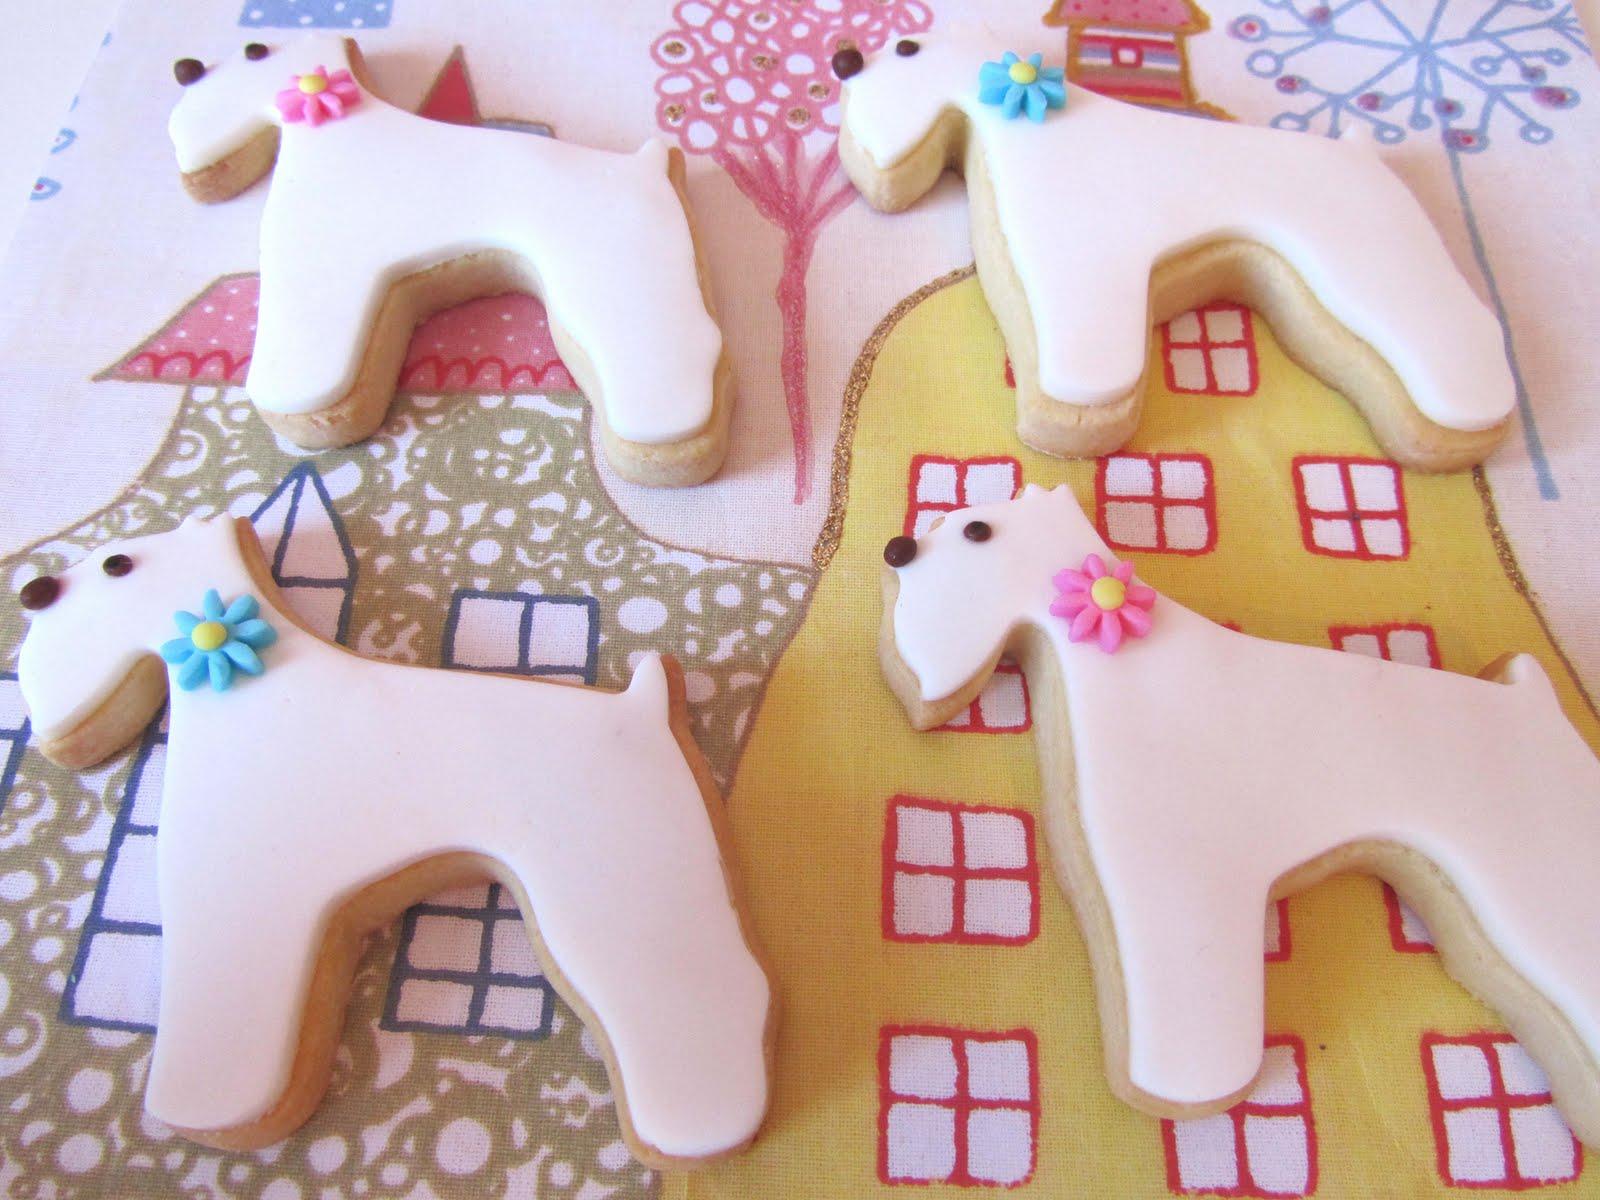 Galletas decoradas: perros | Postreadicción: Cursos de pastelería ...